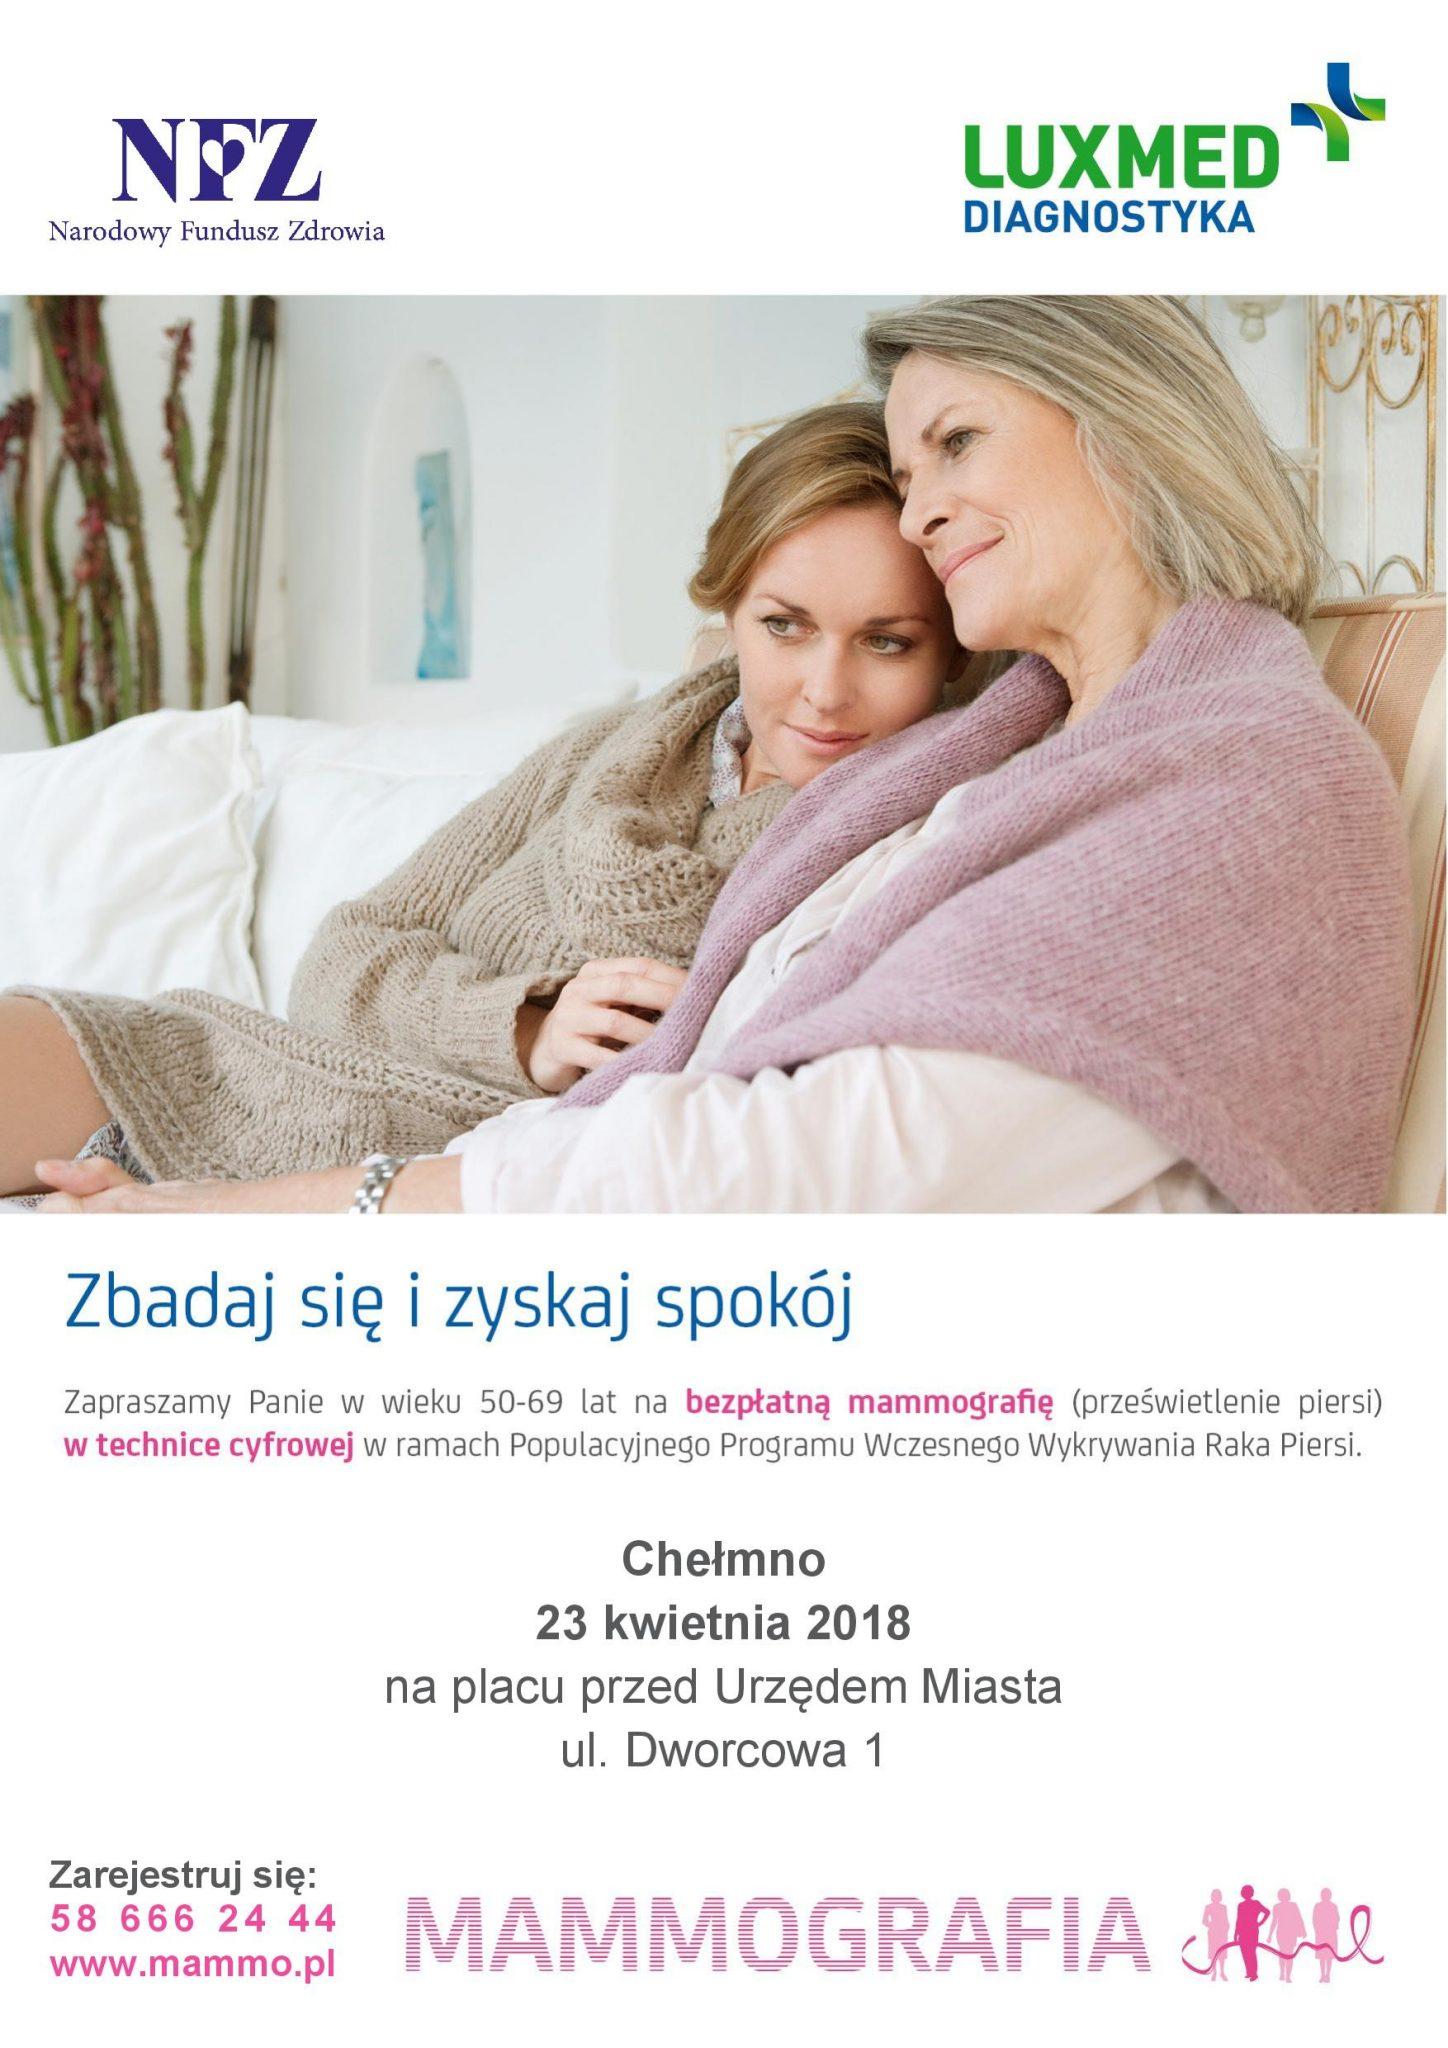 Mammografia Chełmno